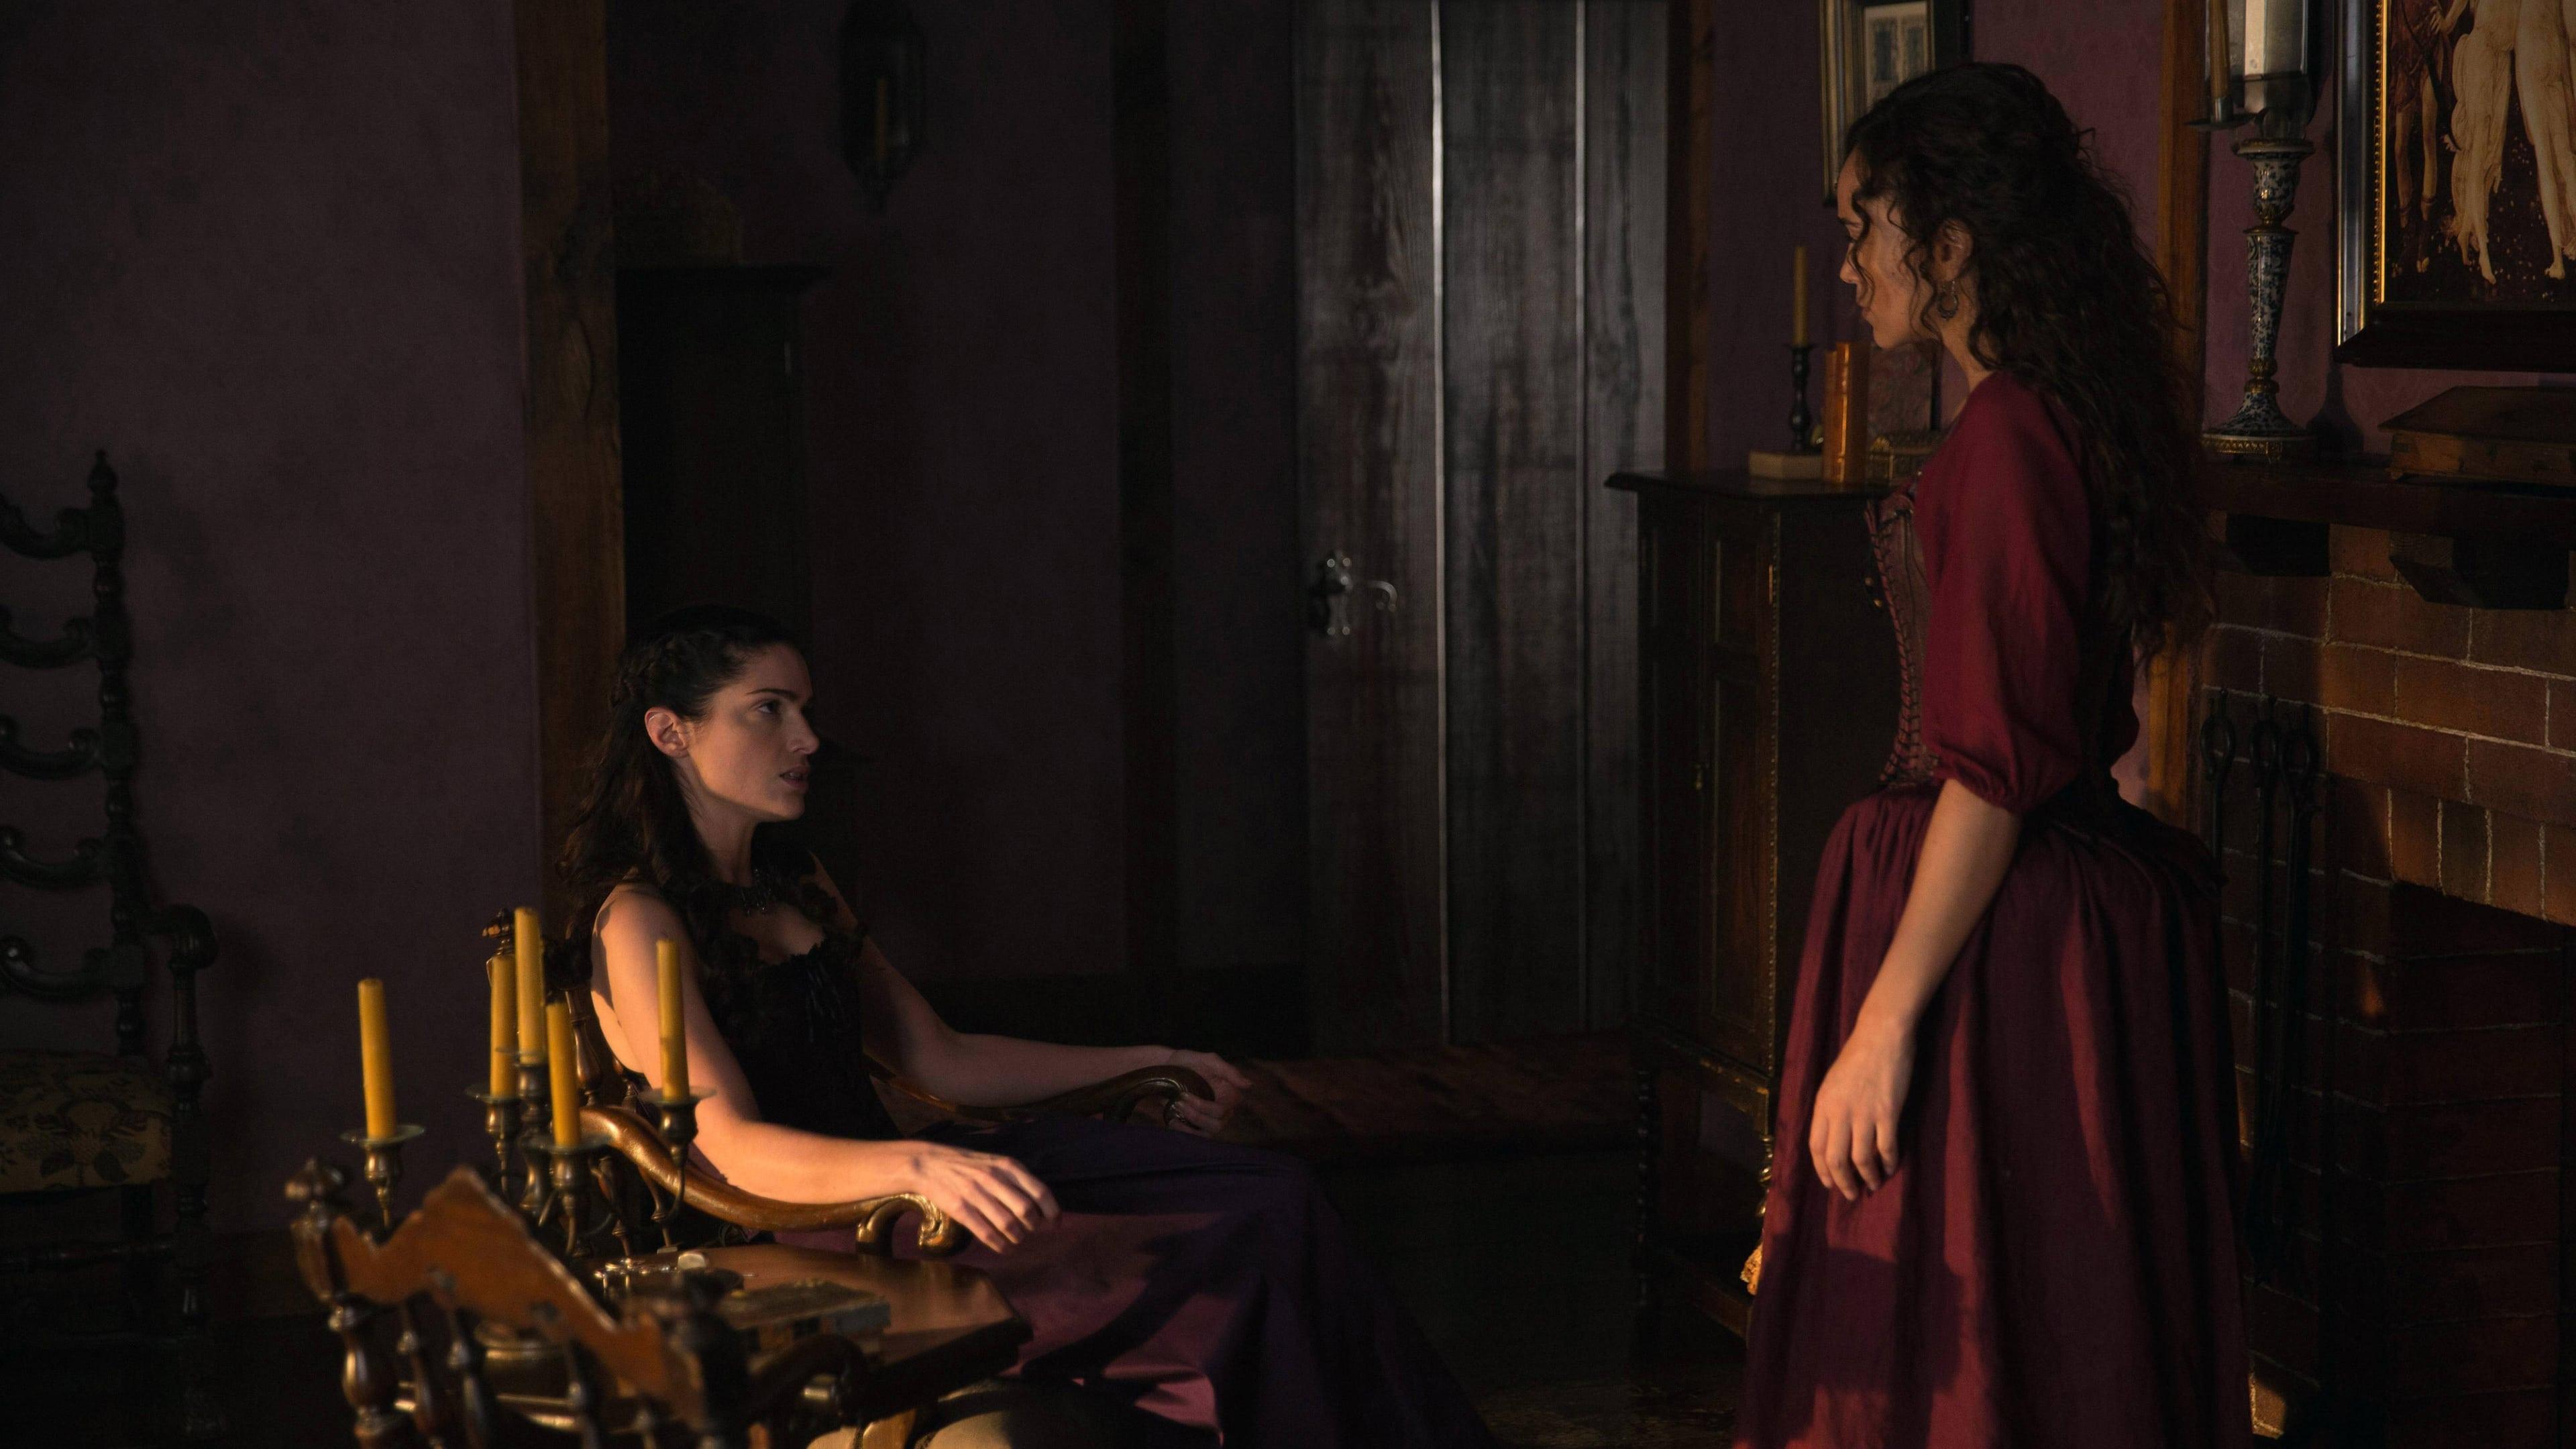 shezow season 1 episode 9